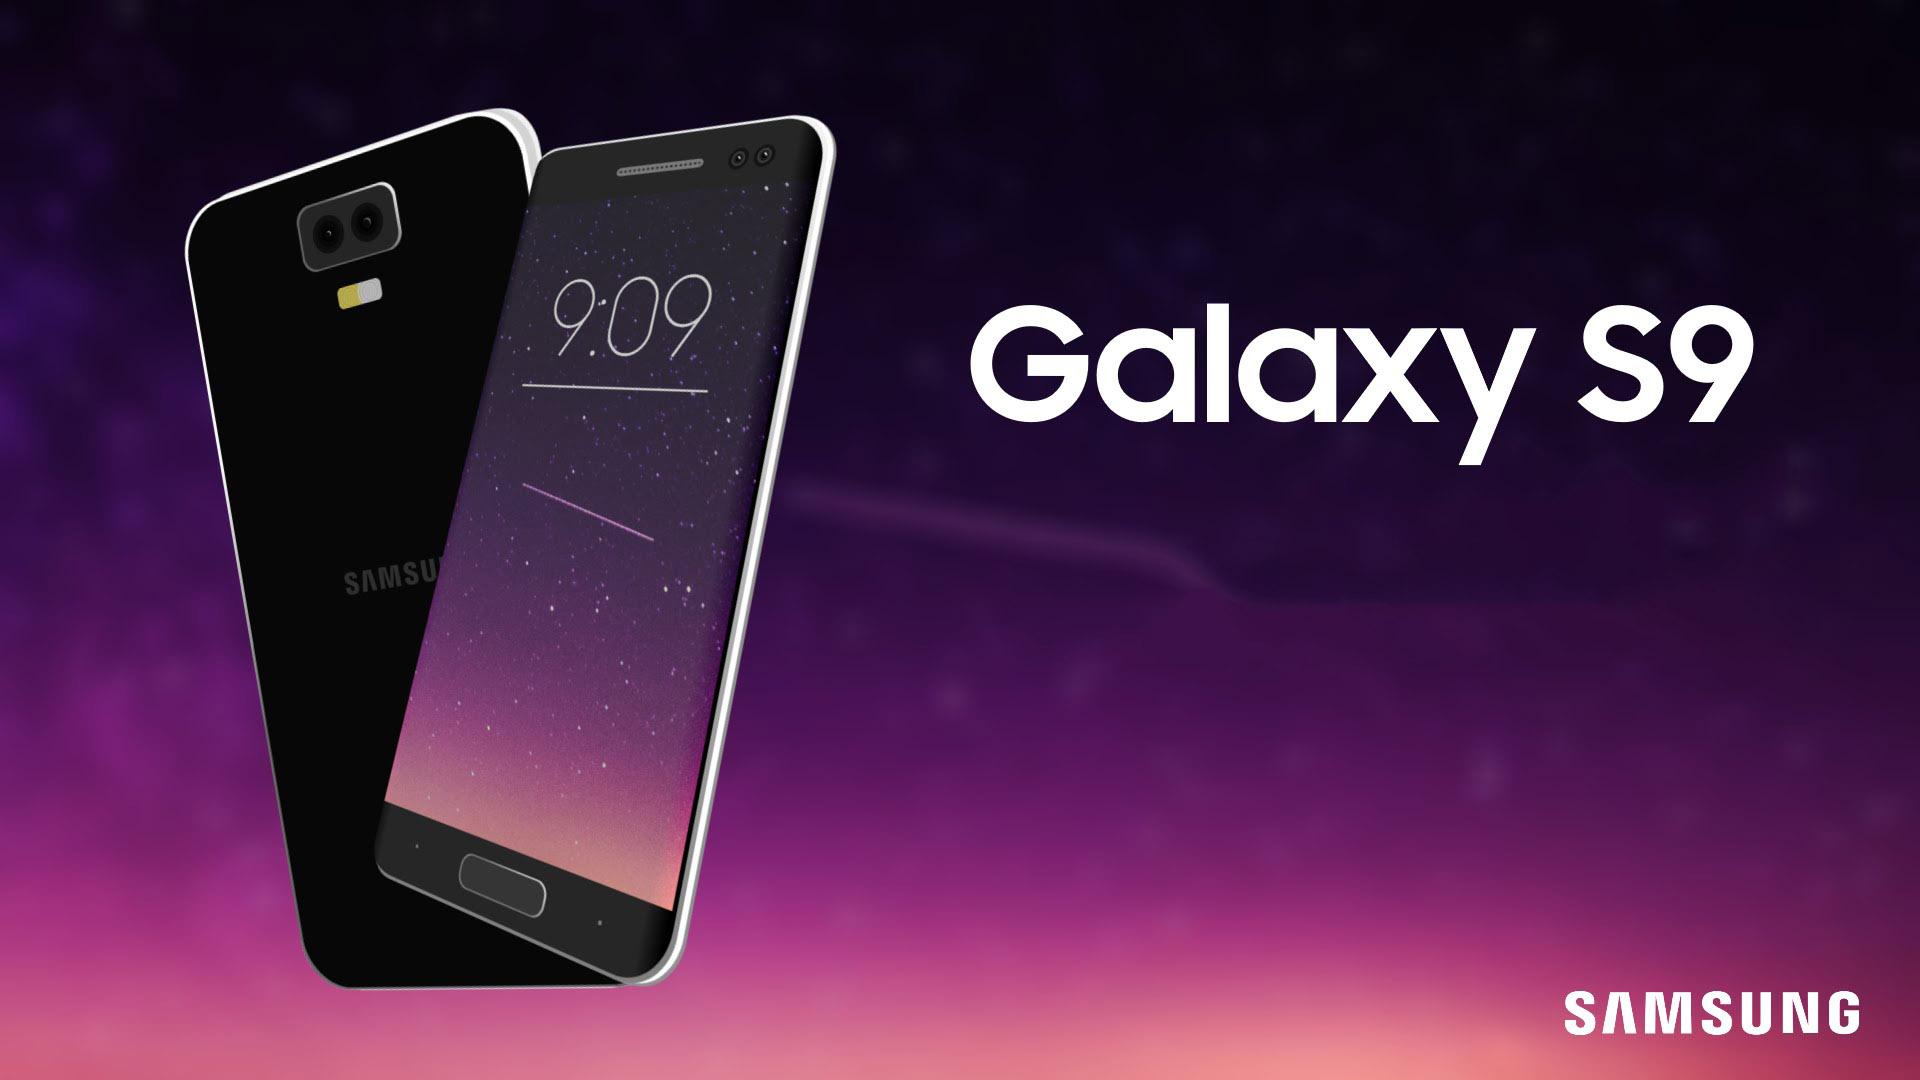 Wyciek³y daty wypuszczenia, pre-orderów i wydania Galaxy S9 i S9 Plus